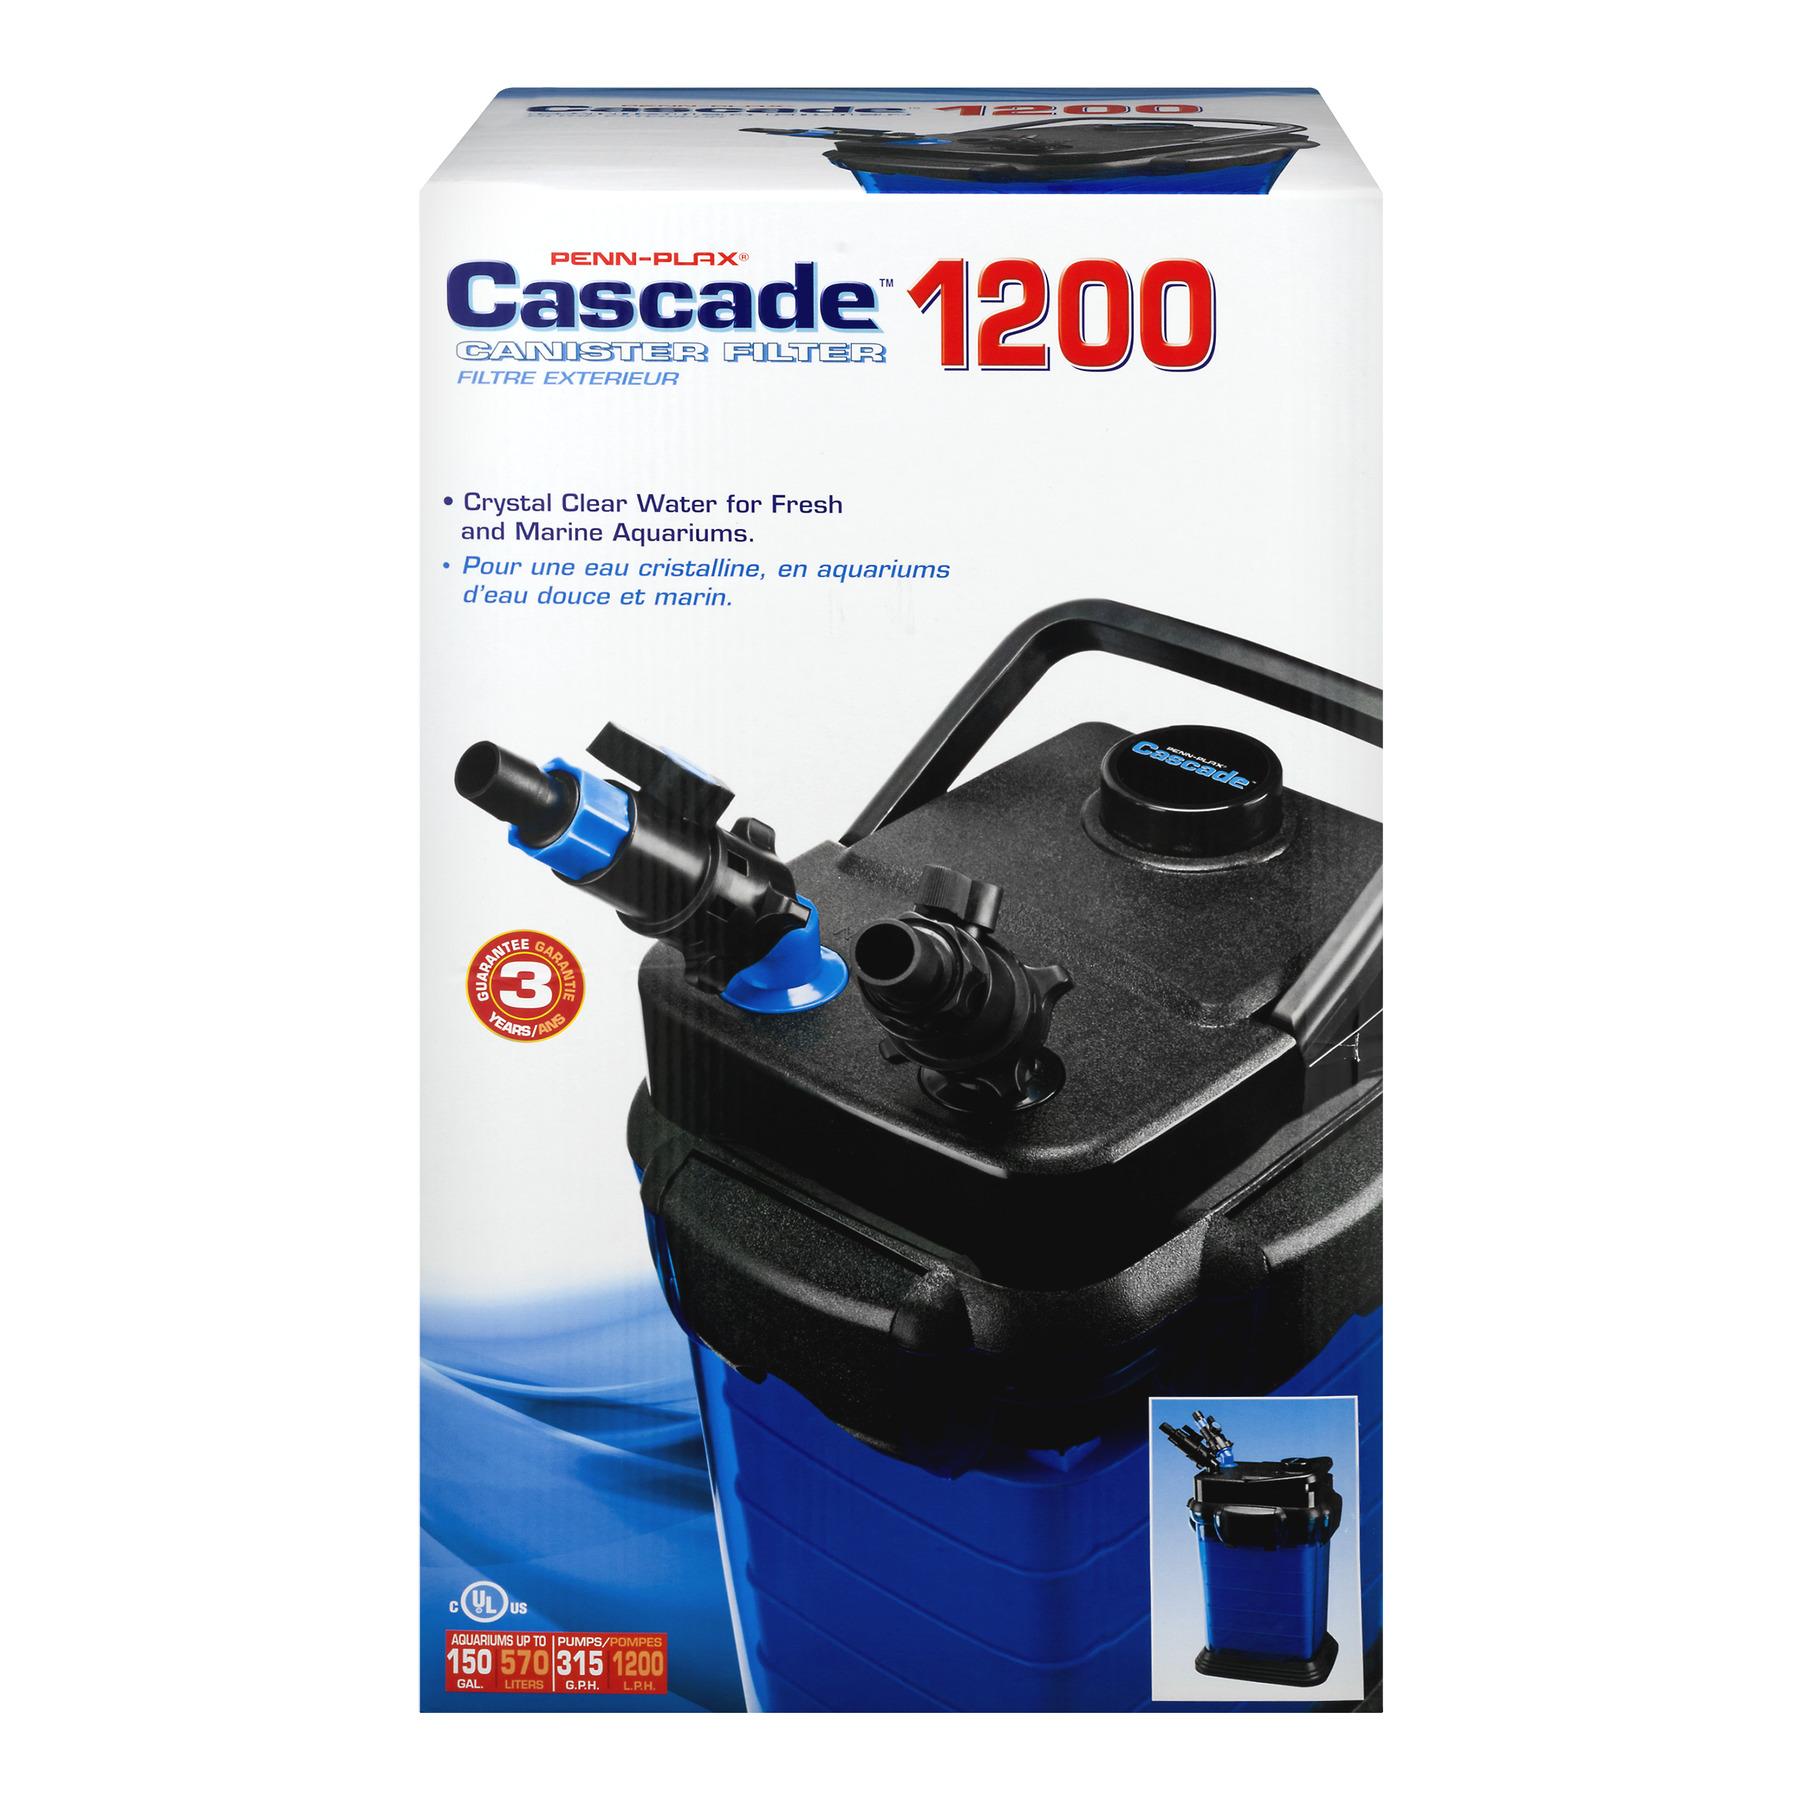 penn-plax cascade canister filter 1200 - walmart.com